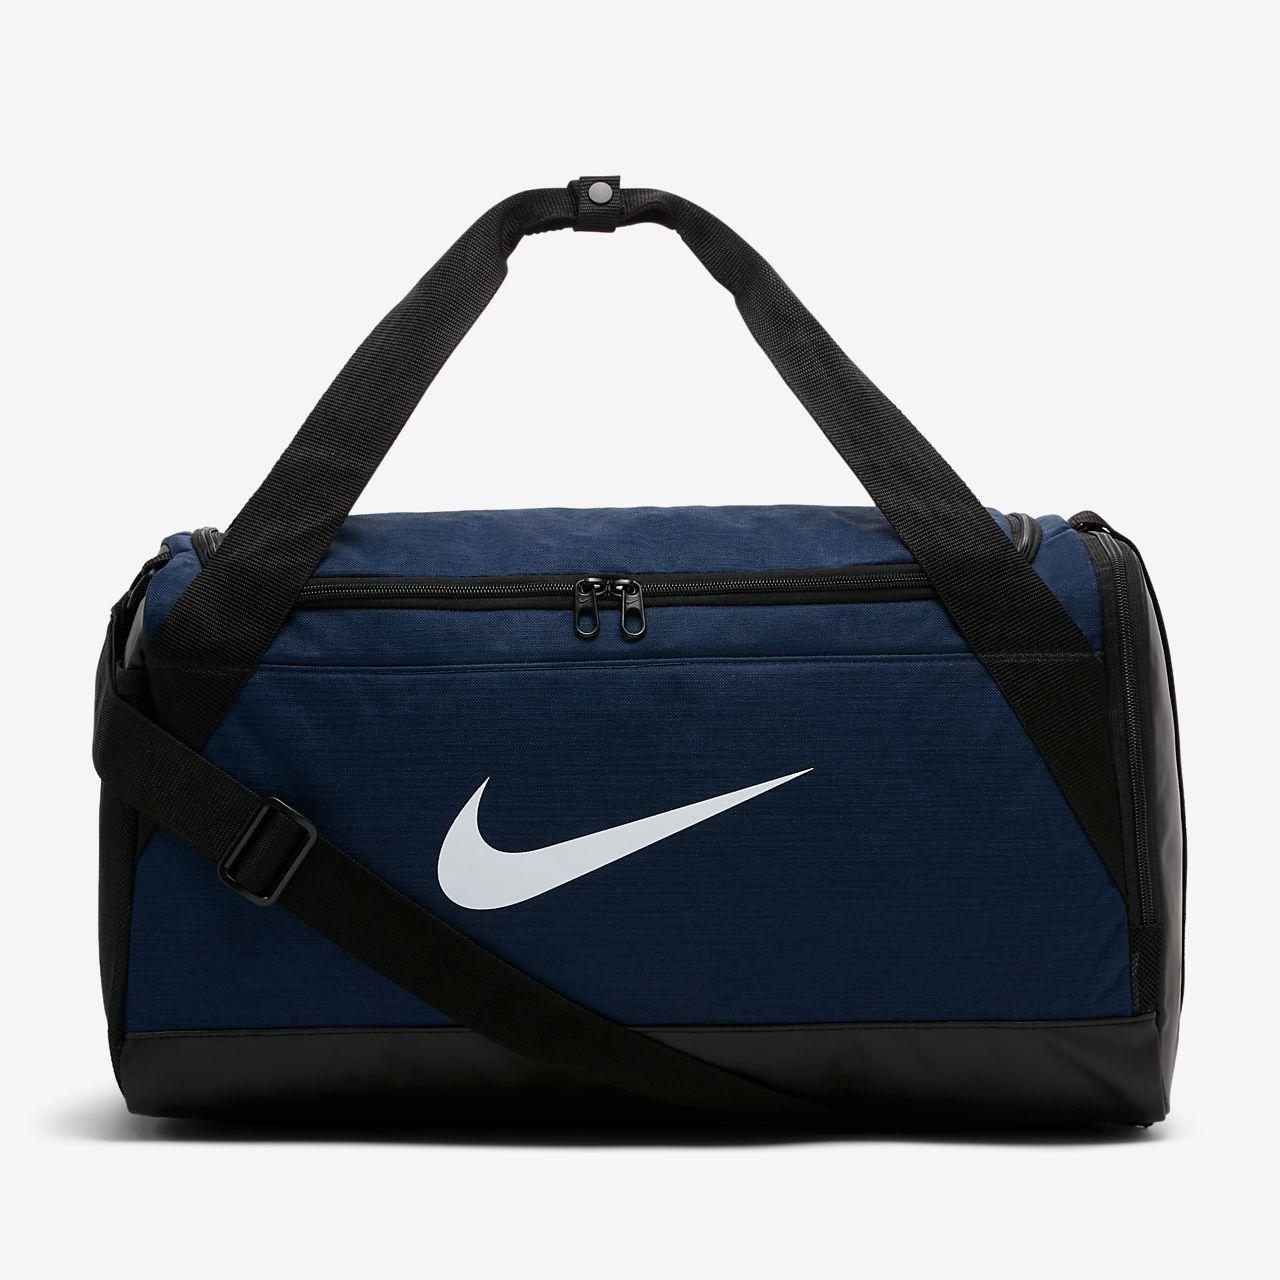 Brasiliapetite Sac De TailleFr Sport Nike Training UMzVLqSpG